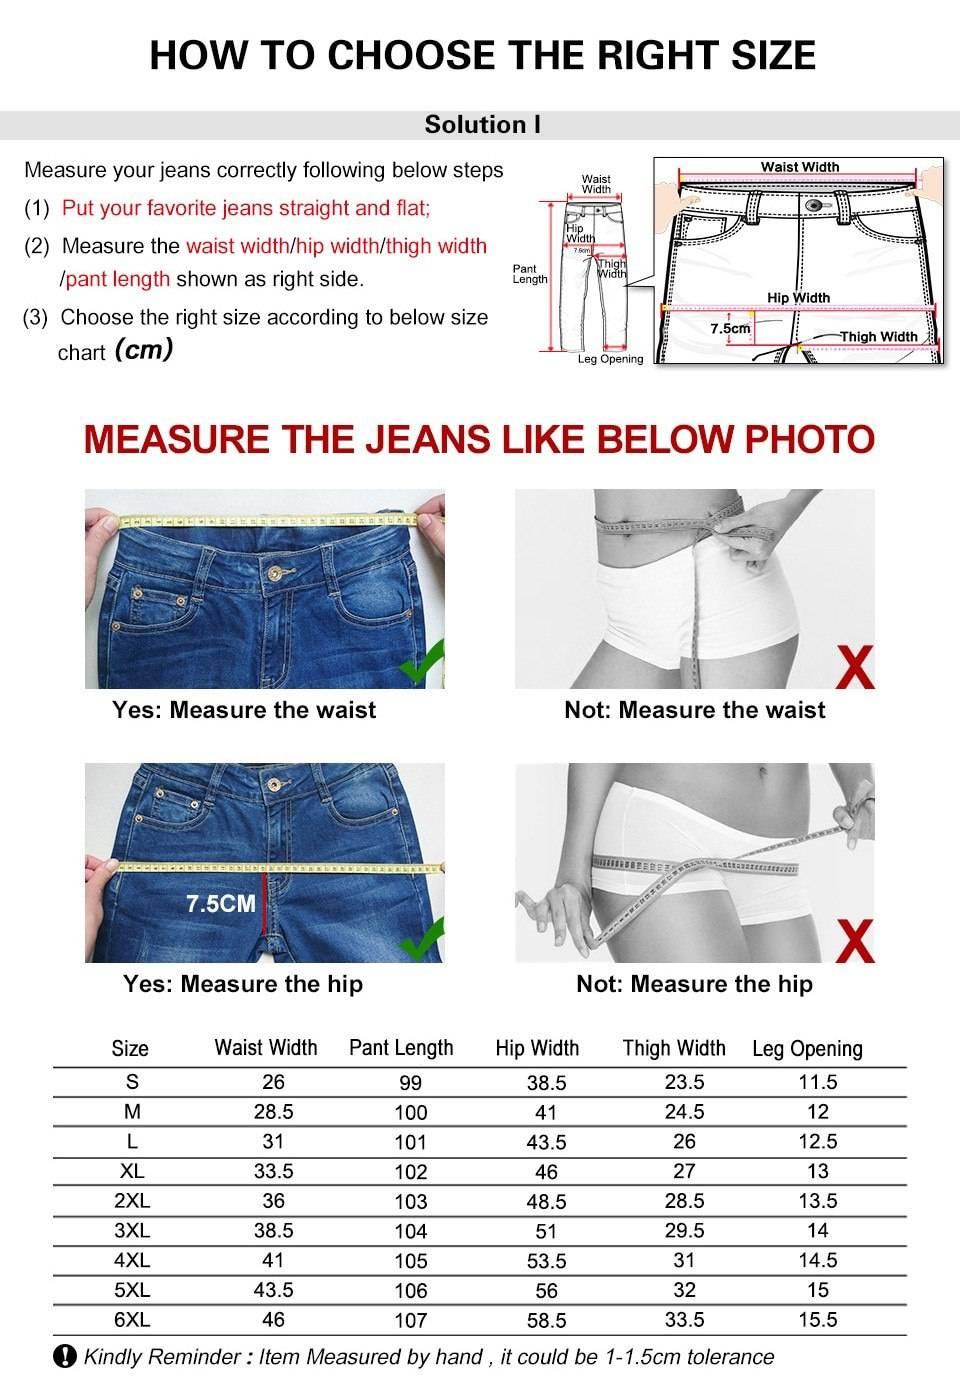 Продавец рекомендует измерять не талию, а старые джинсы: так и новые будут впору